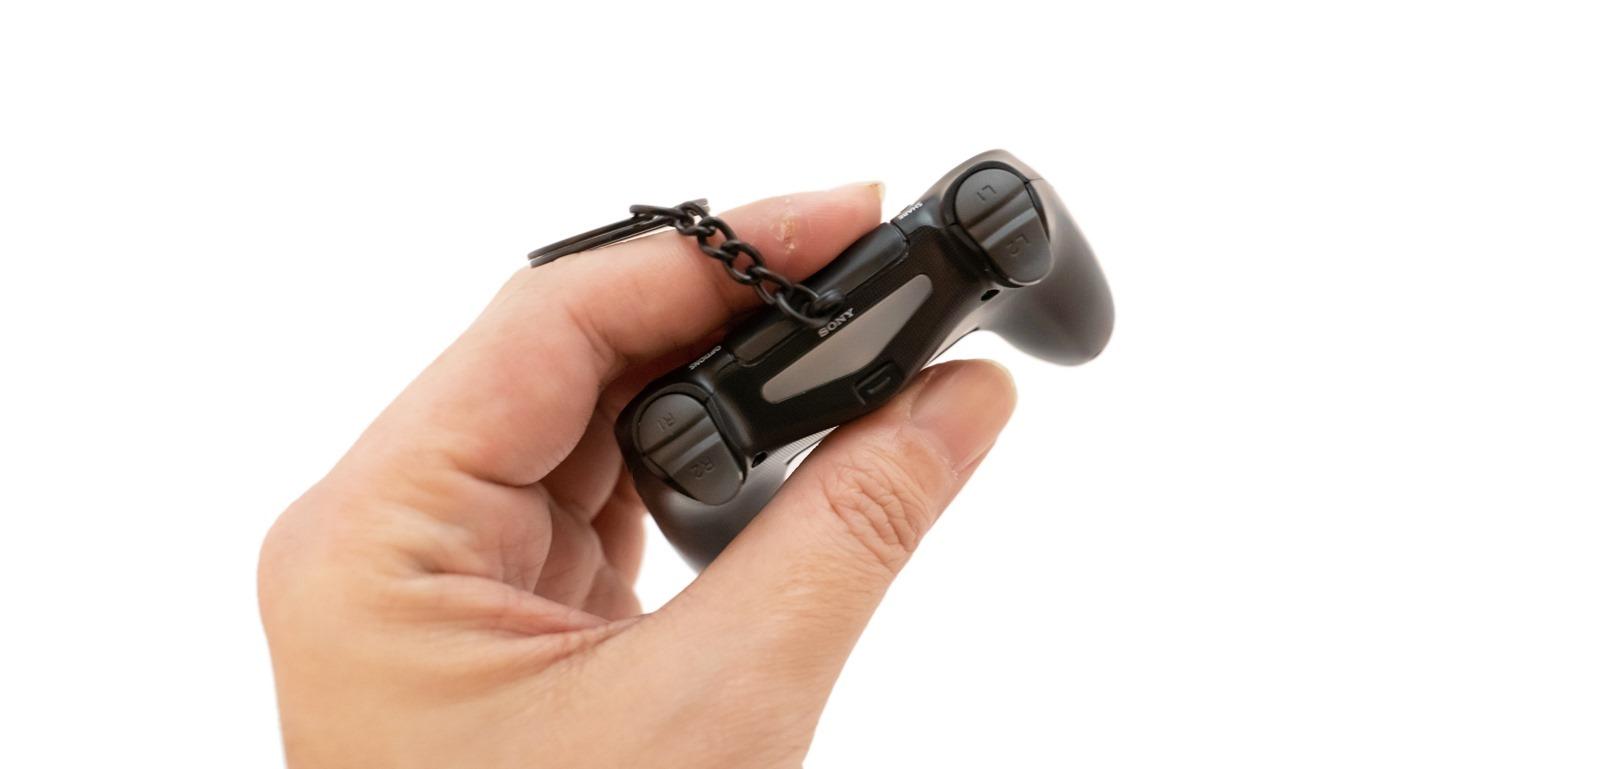 遊戲迷超級逸品!PS4 手把變身超可愛悠遊卡 Sony『DS4 造型悠遊卡』入手開箱! @3C 達人廖阿輝